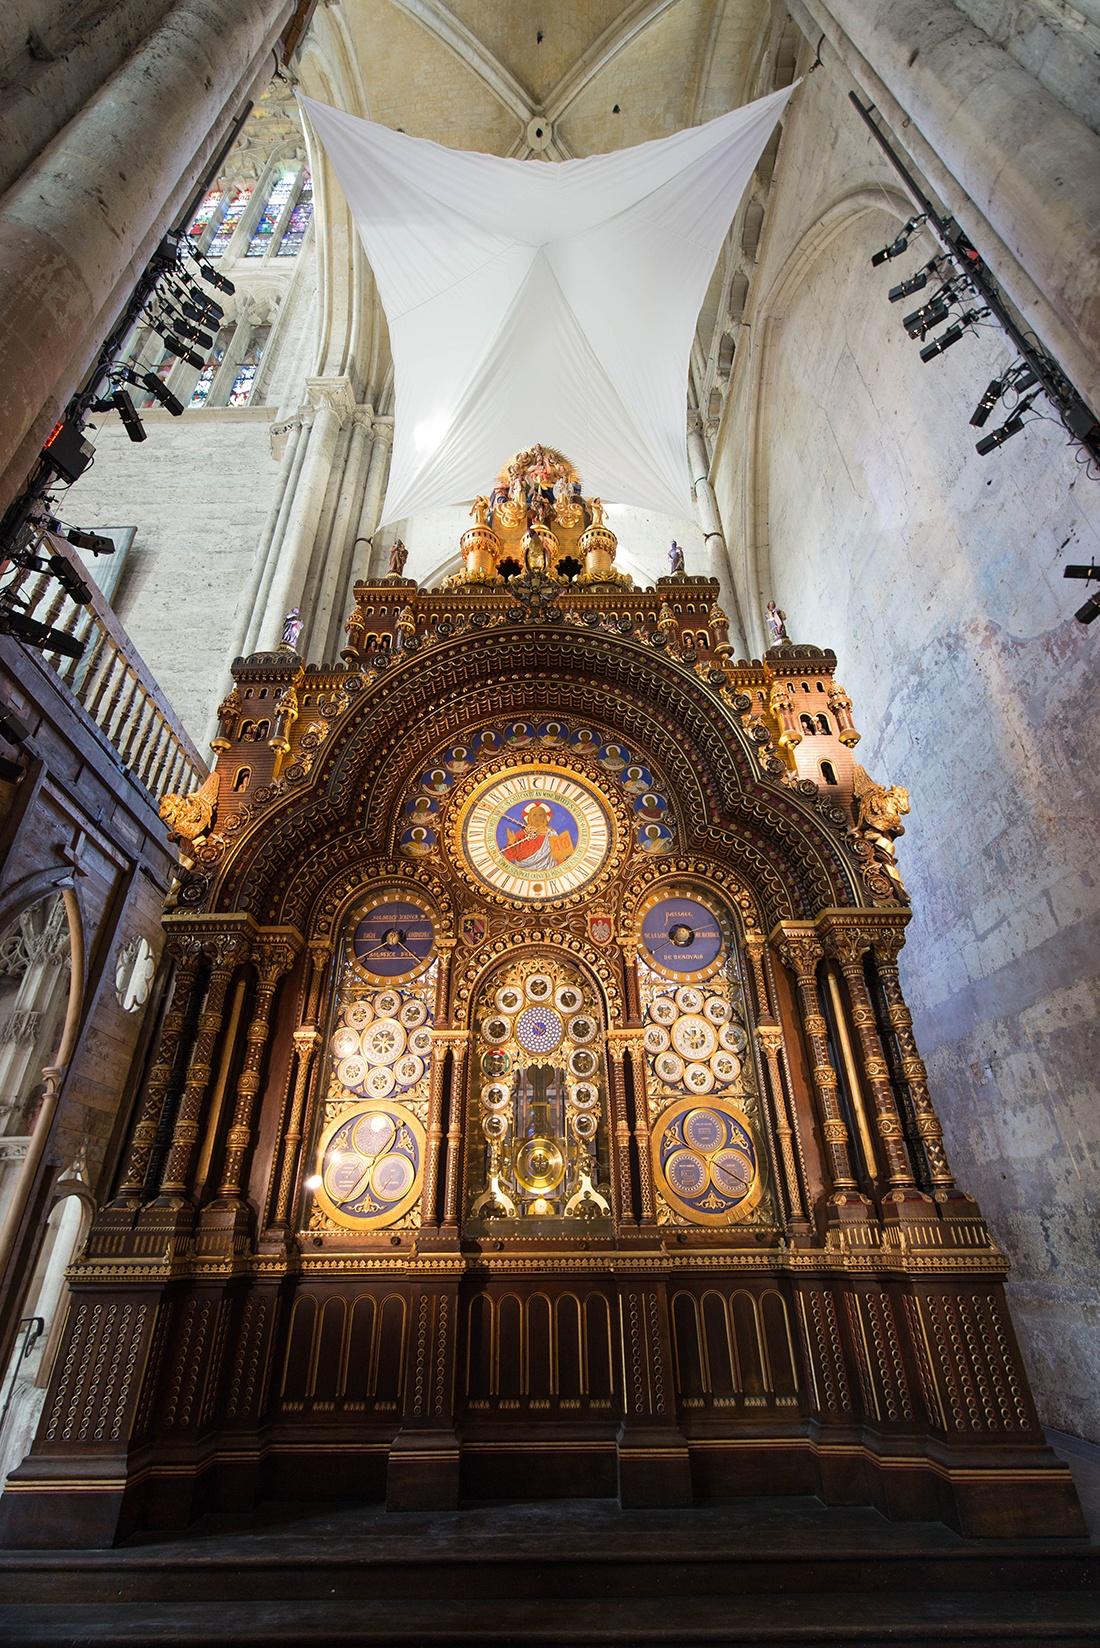 horloge astronomique, cathédrale de beauvais, oise